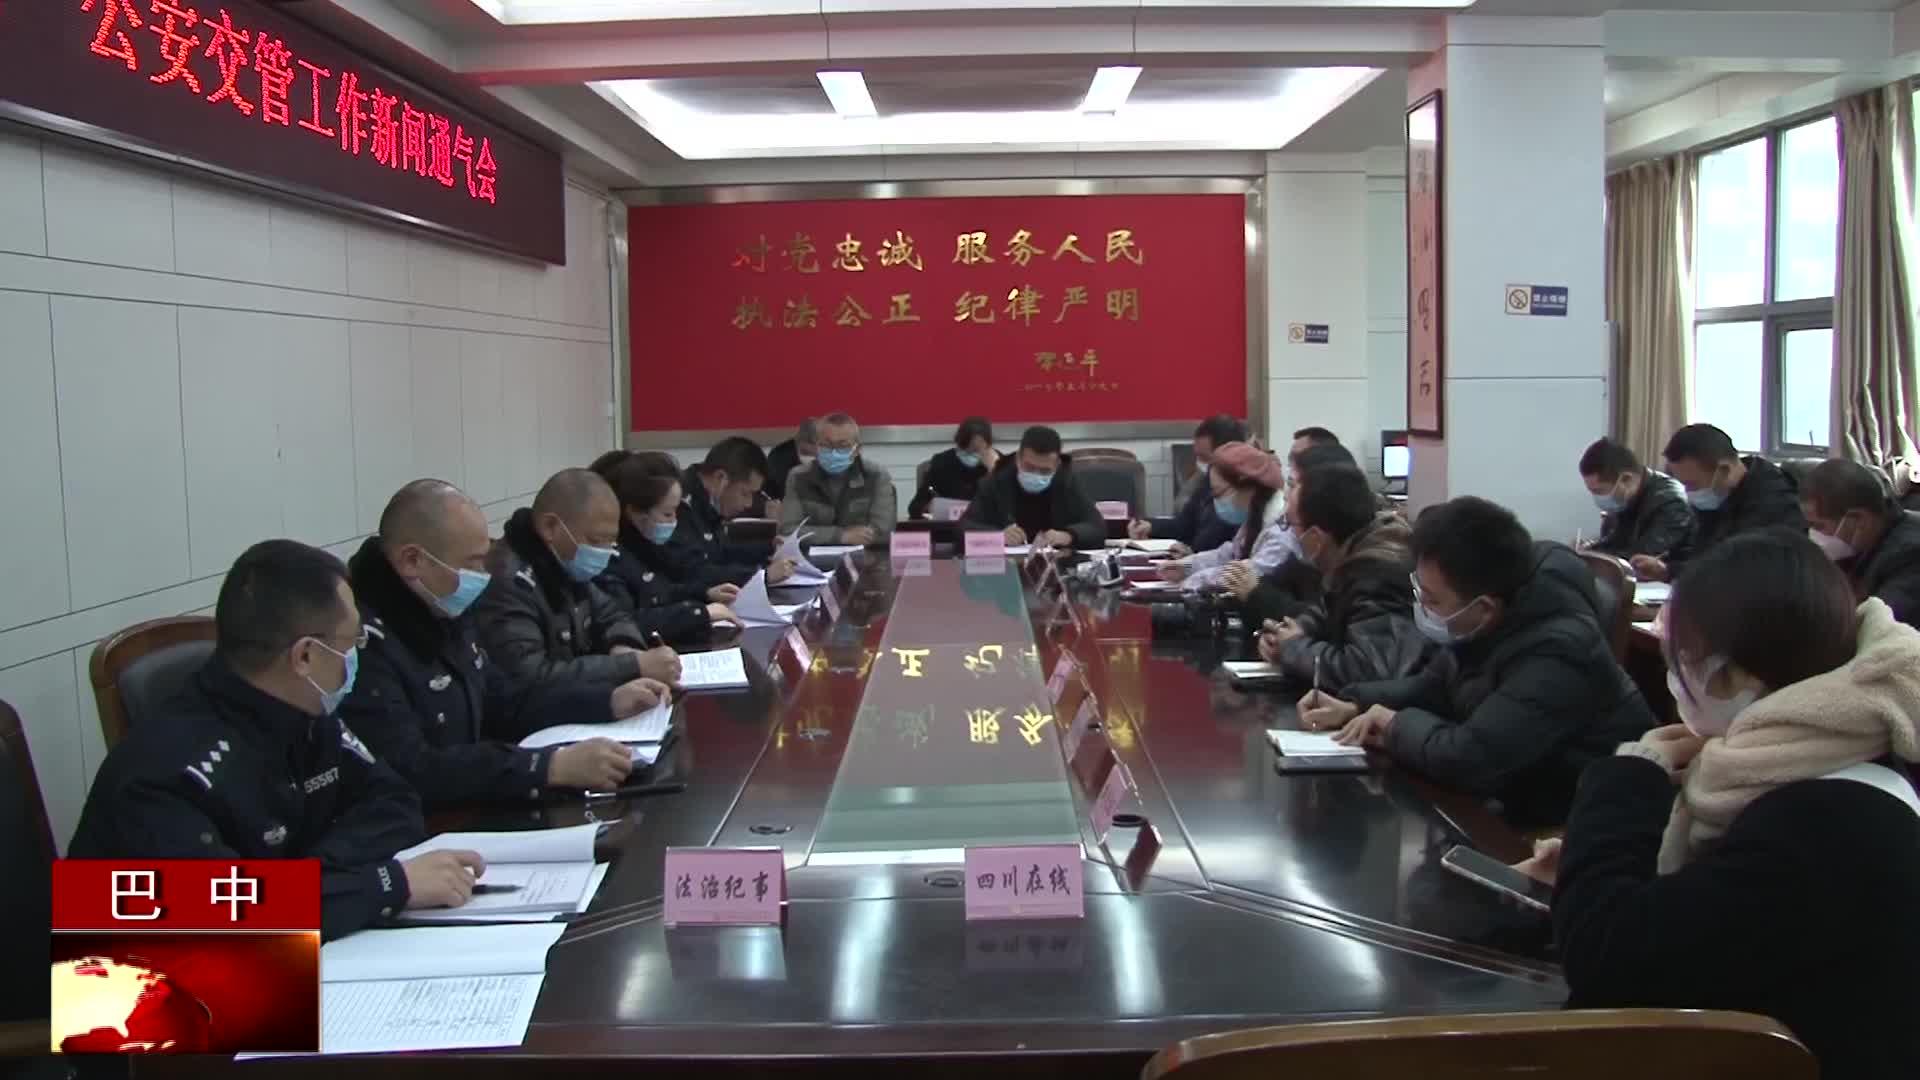 巴中交警:春节不打烊 全市道路交通秩序良好